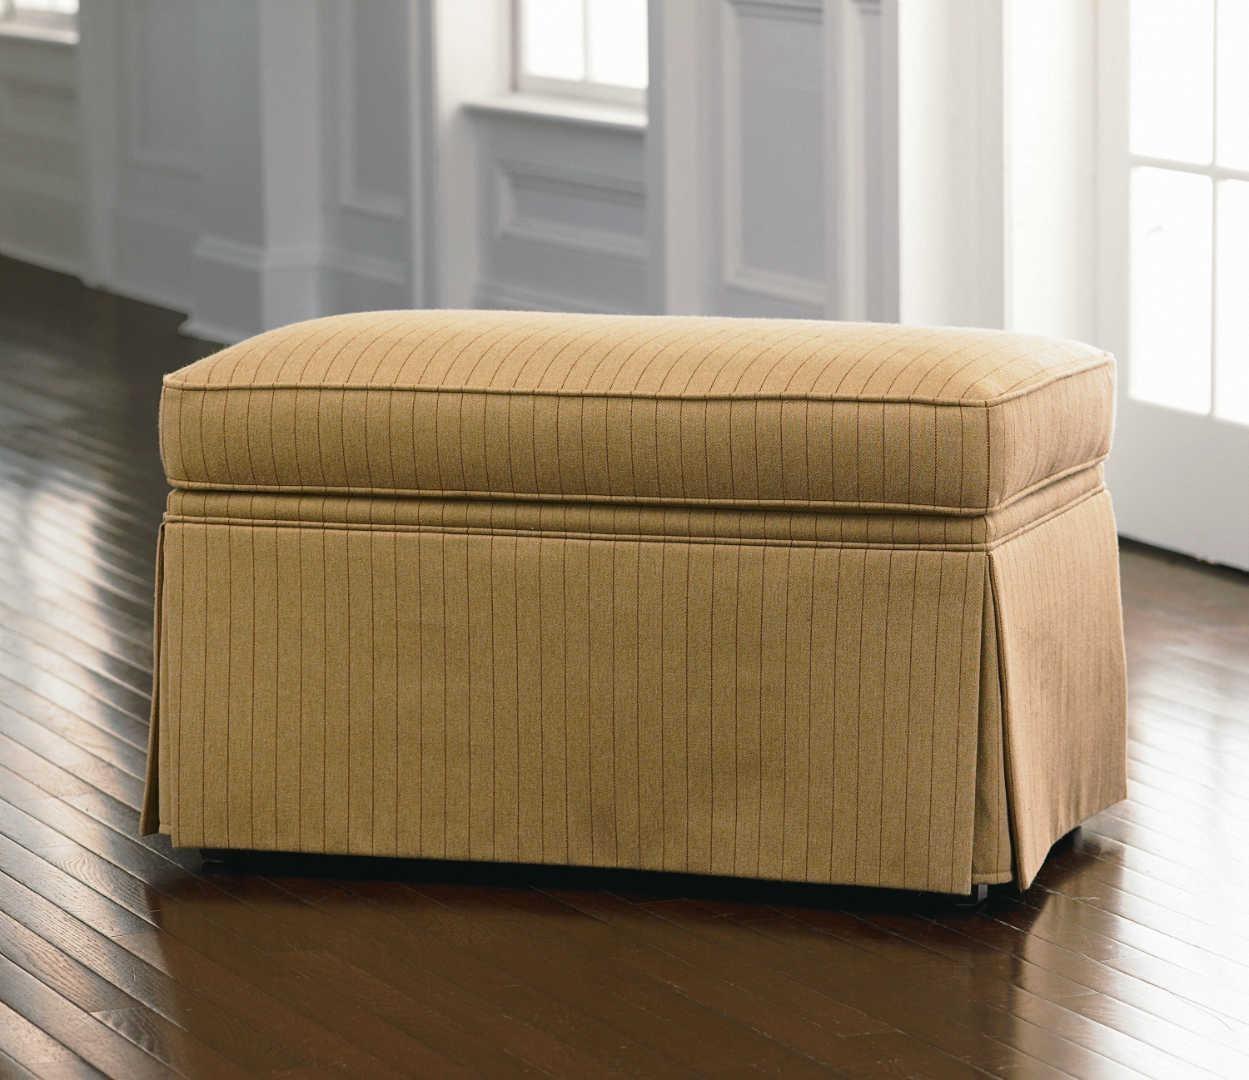 Bassett Design: Bassett HGTV Home Design Studio 4000-11 Customizable